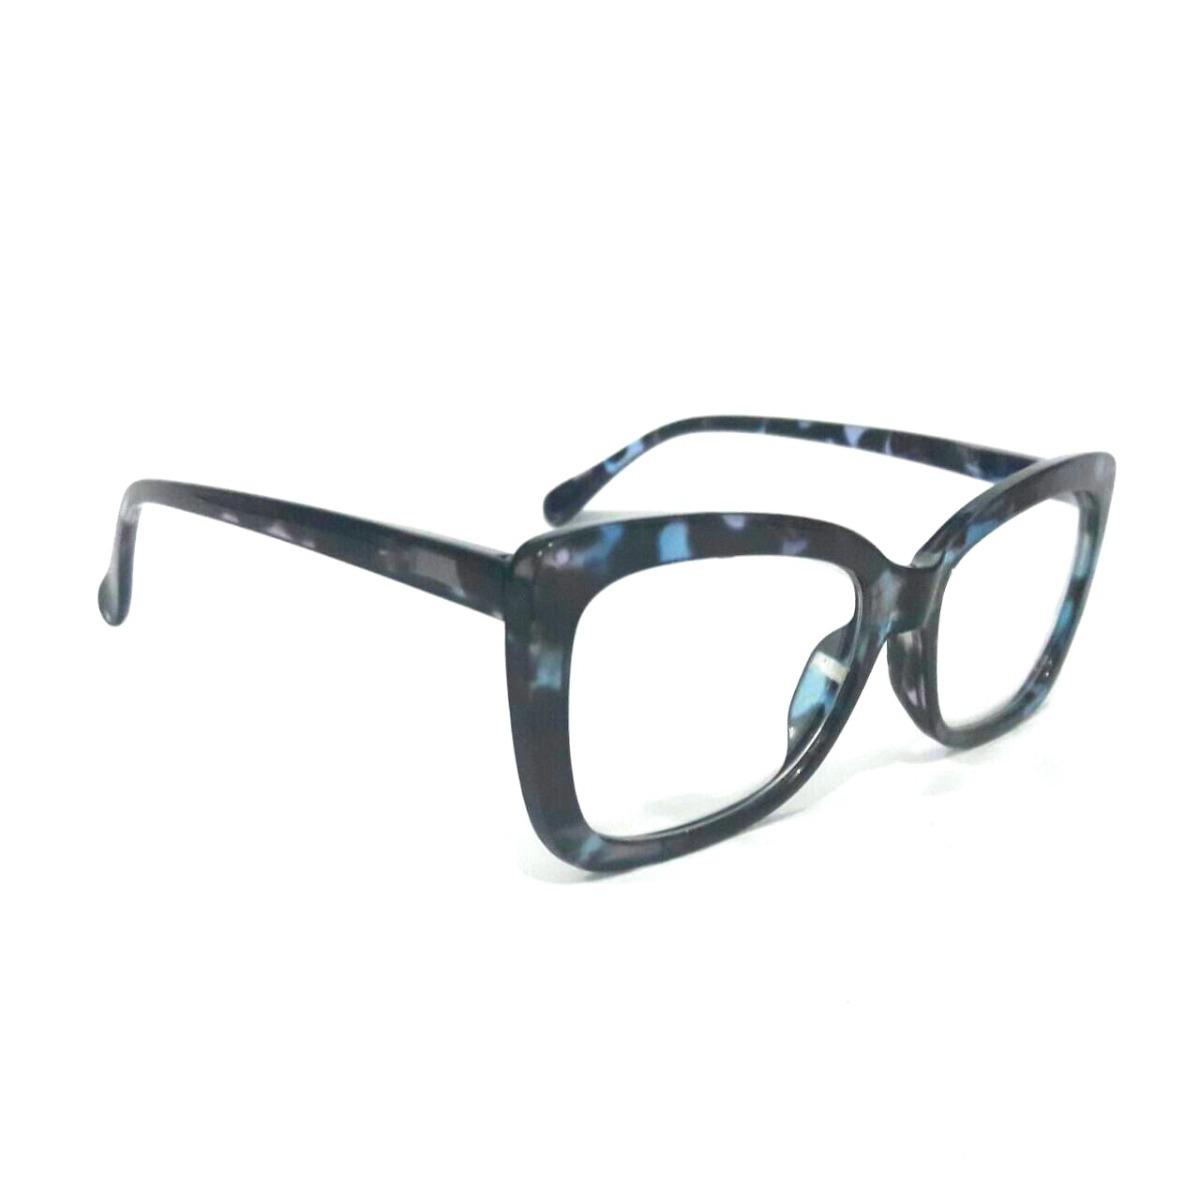 2dfc691e1a48d armação óculos de grau feminino acetato gatinho retro xm2061. Carregando  zoom.